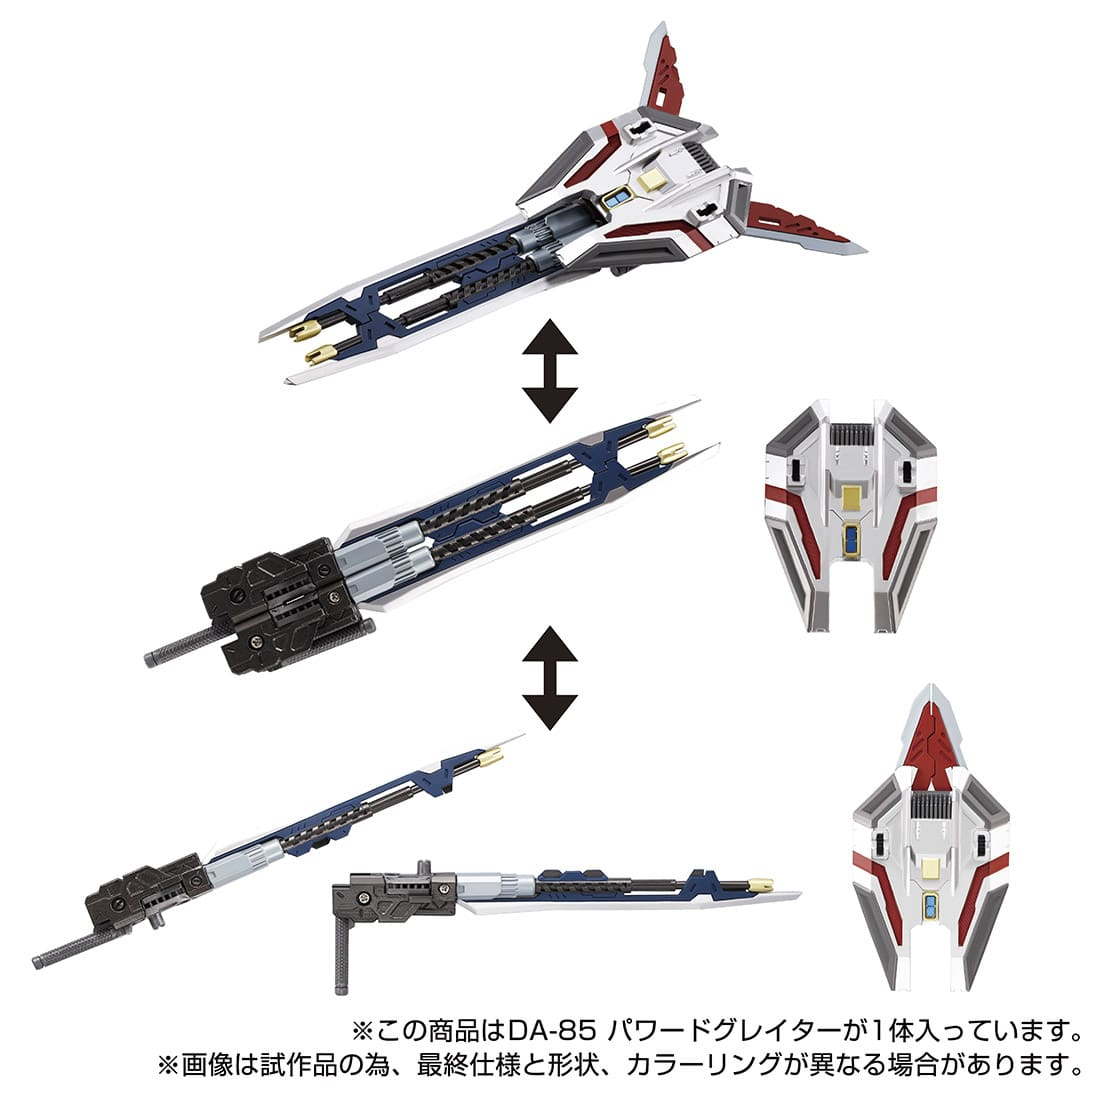 ダイアクロン『DA-85 パワードグレイター』可変可動フィギュア-009